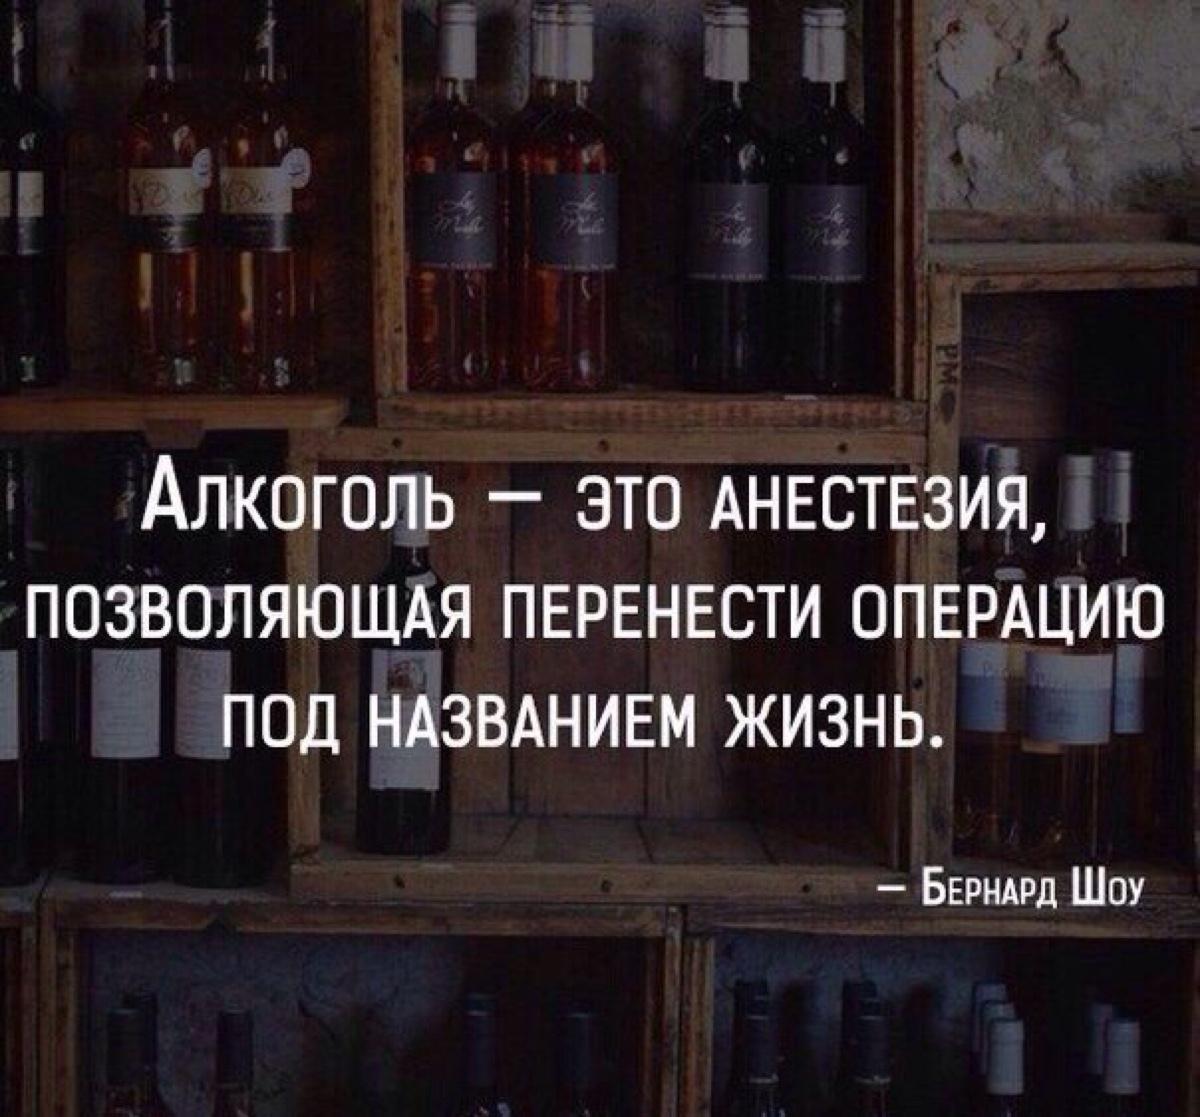 тренажерный зал статусы со смыслом в картинках про алкоголь может она